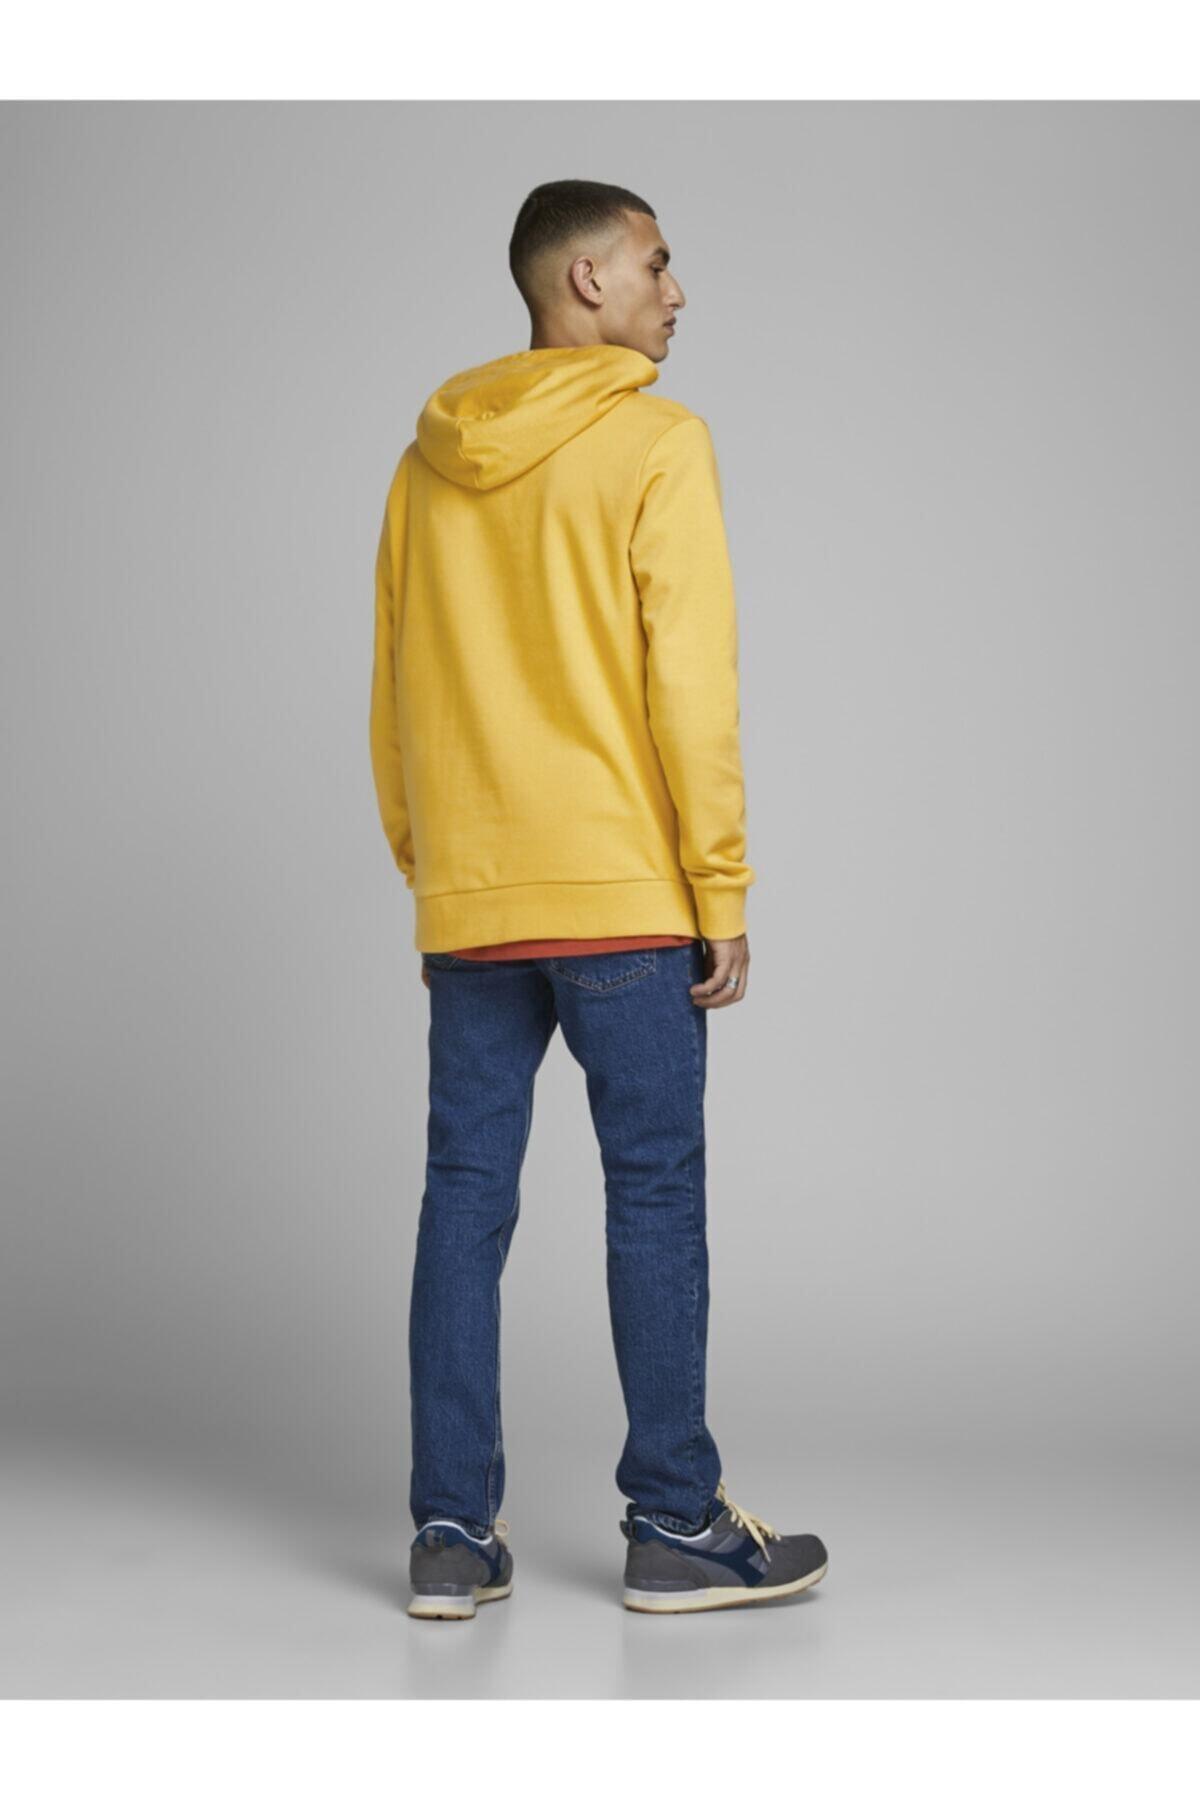 Jack & Jones Sweatshirt 2